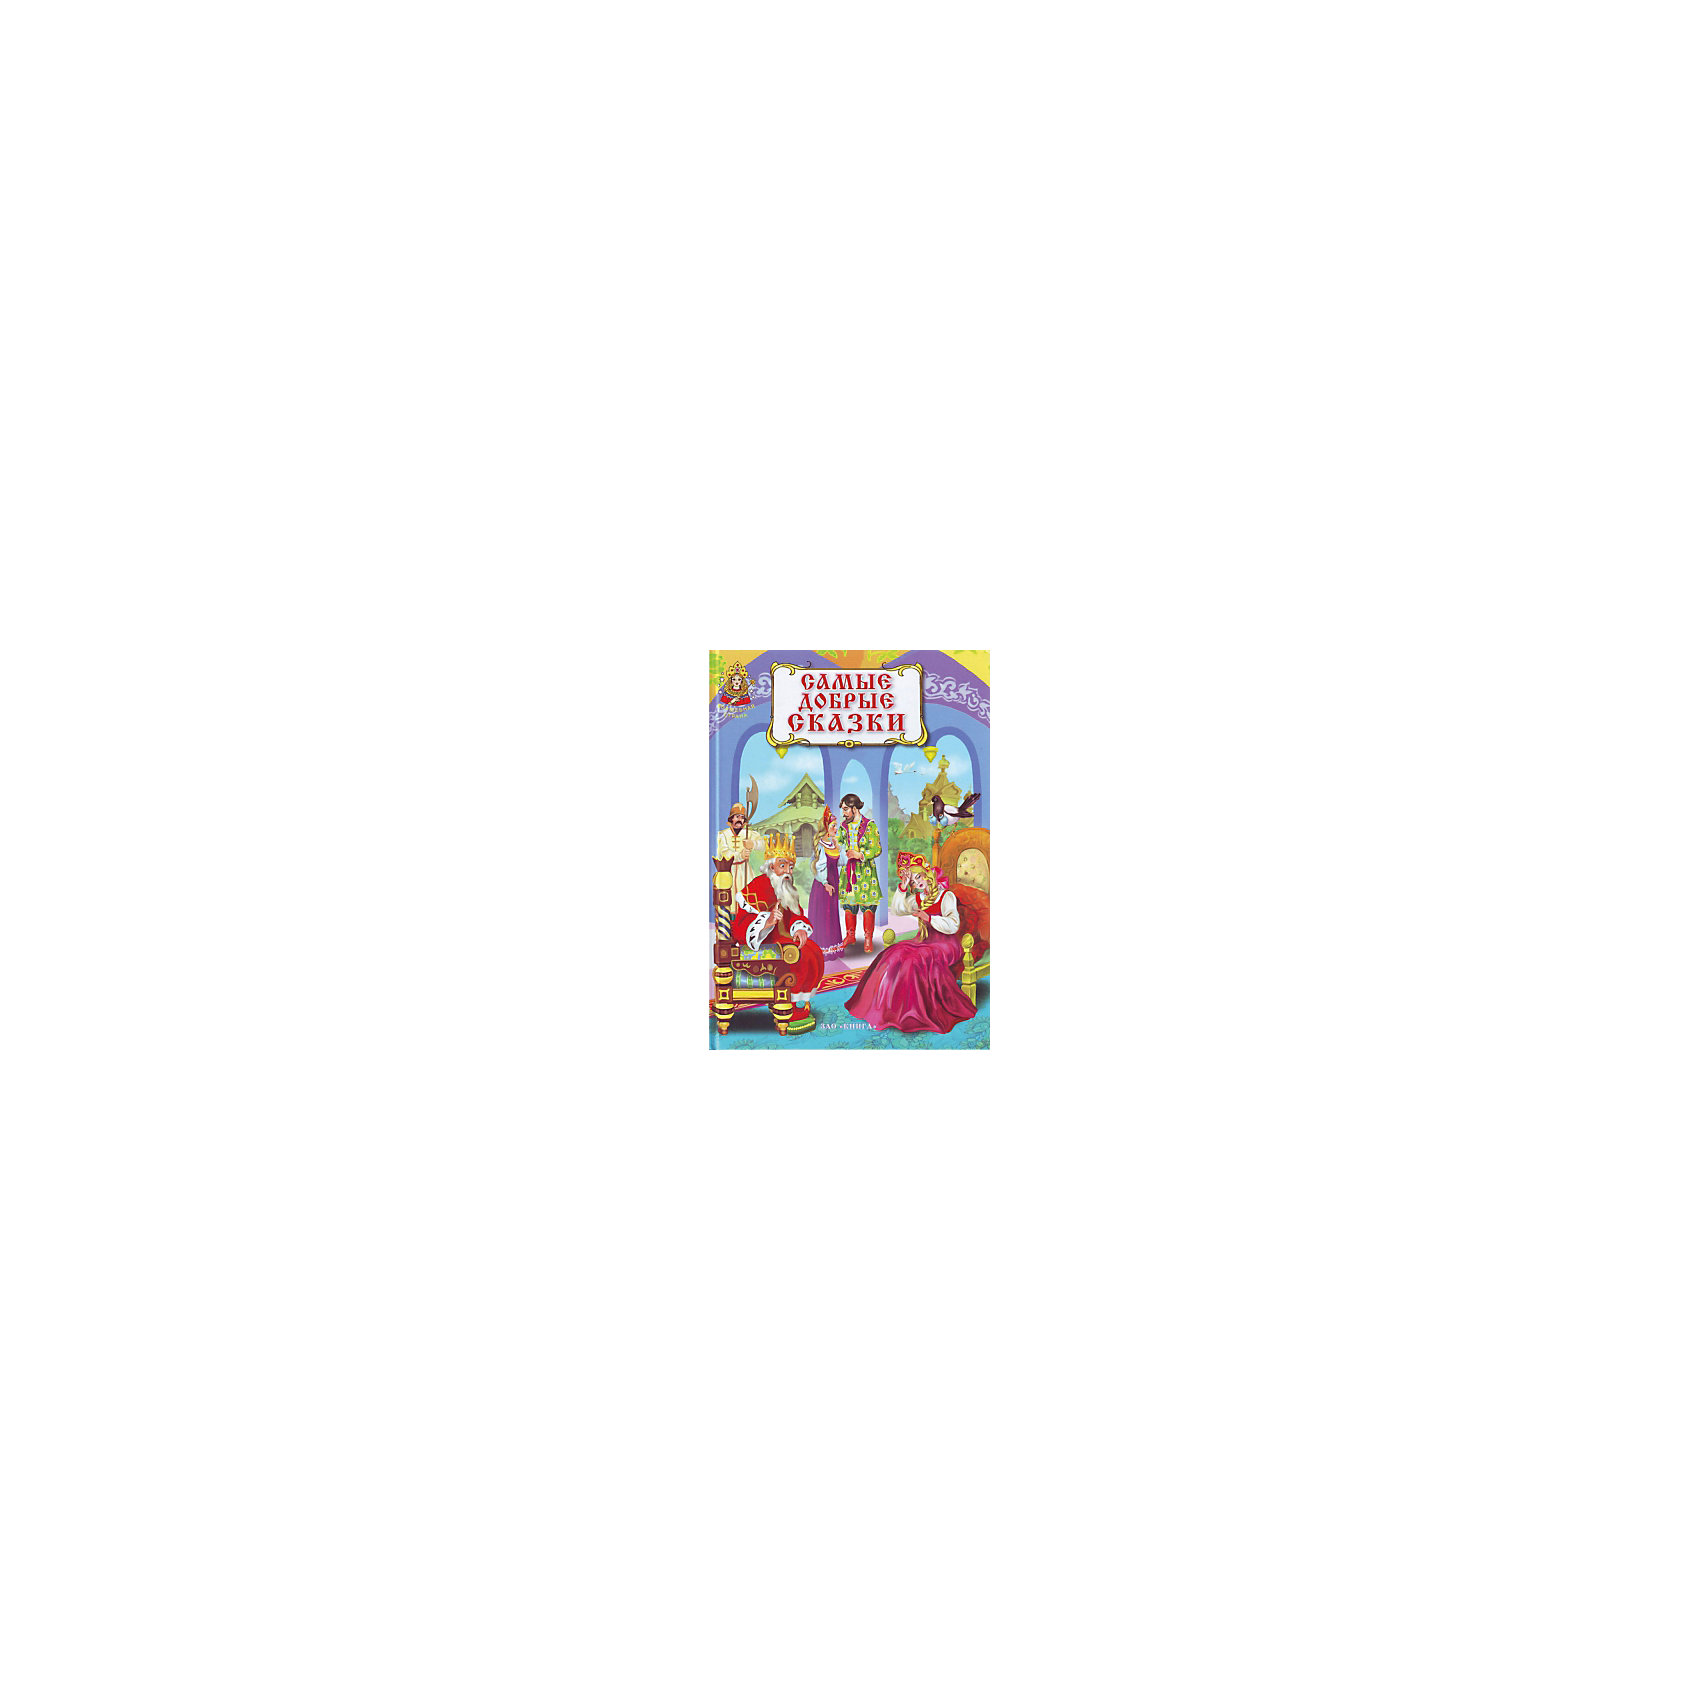 Самые добрые сказки: серия сказок Волшебная странаРусские сказки<br>Самые добрые сказки. Серия сказок Волшебная страна.<br><br>Характеристики:<br><br>• Для детей в возрасте: от 3 лет<br>• Художник: Гордиенко А. А.<br>• Издательство: ЗАО Книга<br>• Серия: Волшебная страна<br>• Тип обложки: 7Бц - твердая, целлофанированная (или лакированная)<br>• Иллюстрации: цветные<br>• Количество страниц: 128 (офсет)<br>• Размер: 245х175х12 мм.<br>• Вес: 398 гр.<br>• ISBN: 9785872594086<br><br>В этой книжке живут сказки: Хаврошечка, Серебряное Блюдечко и наливное яблочко, Морозко, Сестрица Аленушка и братец Иванушка, Безногий и слепой богатыри, Терешечка, Белая уточка, Наказанная царевна, Золотое веретено.<br>Для младшего школьного возраста. <br><br>Книгу Самые добрые сказки. Серия сказок Волшебная страна можно купить в нашем интернет-магазине.<br><br>Ширина мм: 245<br>Глубина мм: 170<br>Высота мм: 100<br>Вес г: 500<br>Возраст от месяцев: 36<br>Возраст до месяцев: 2147483647<br>Пол: Унисекс<br>Возраст: Детский<br>SKU: 5521189